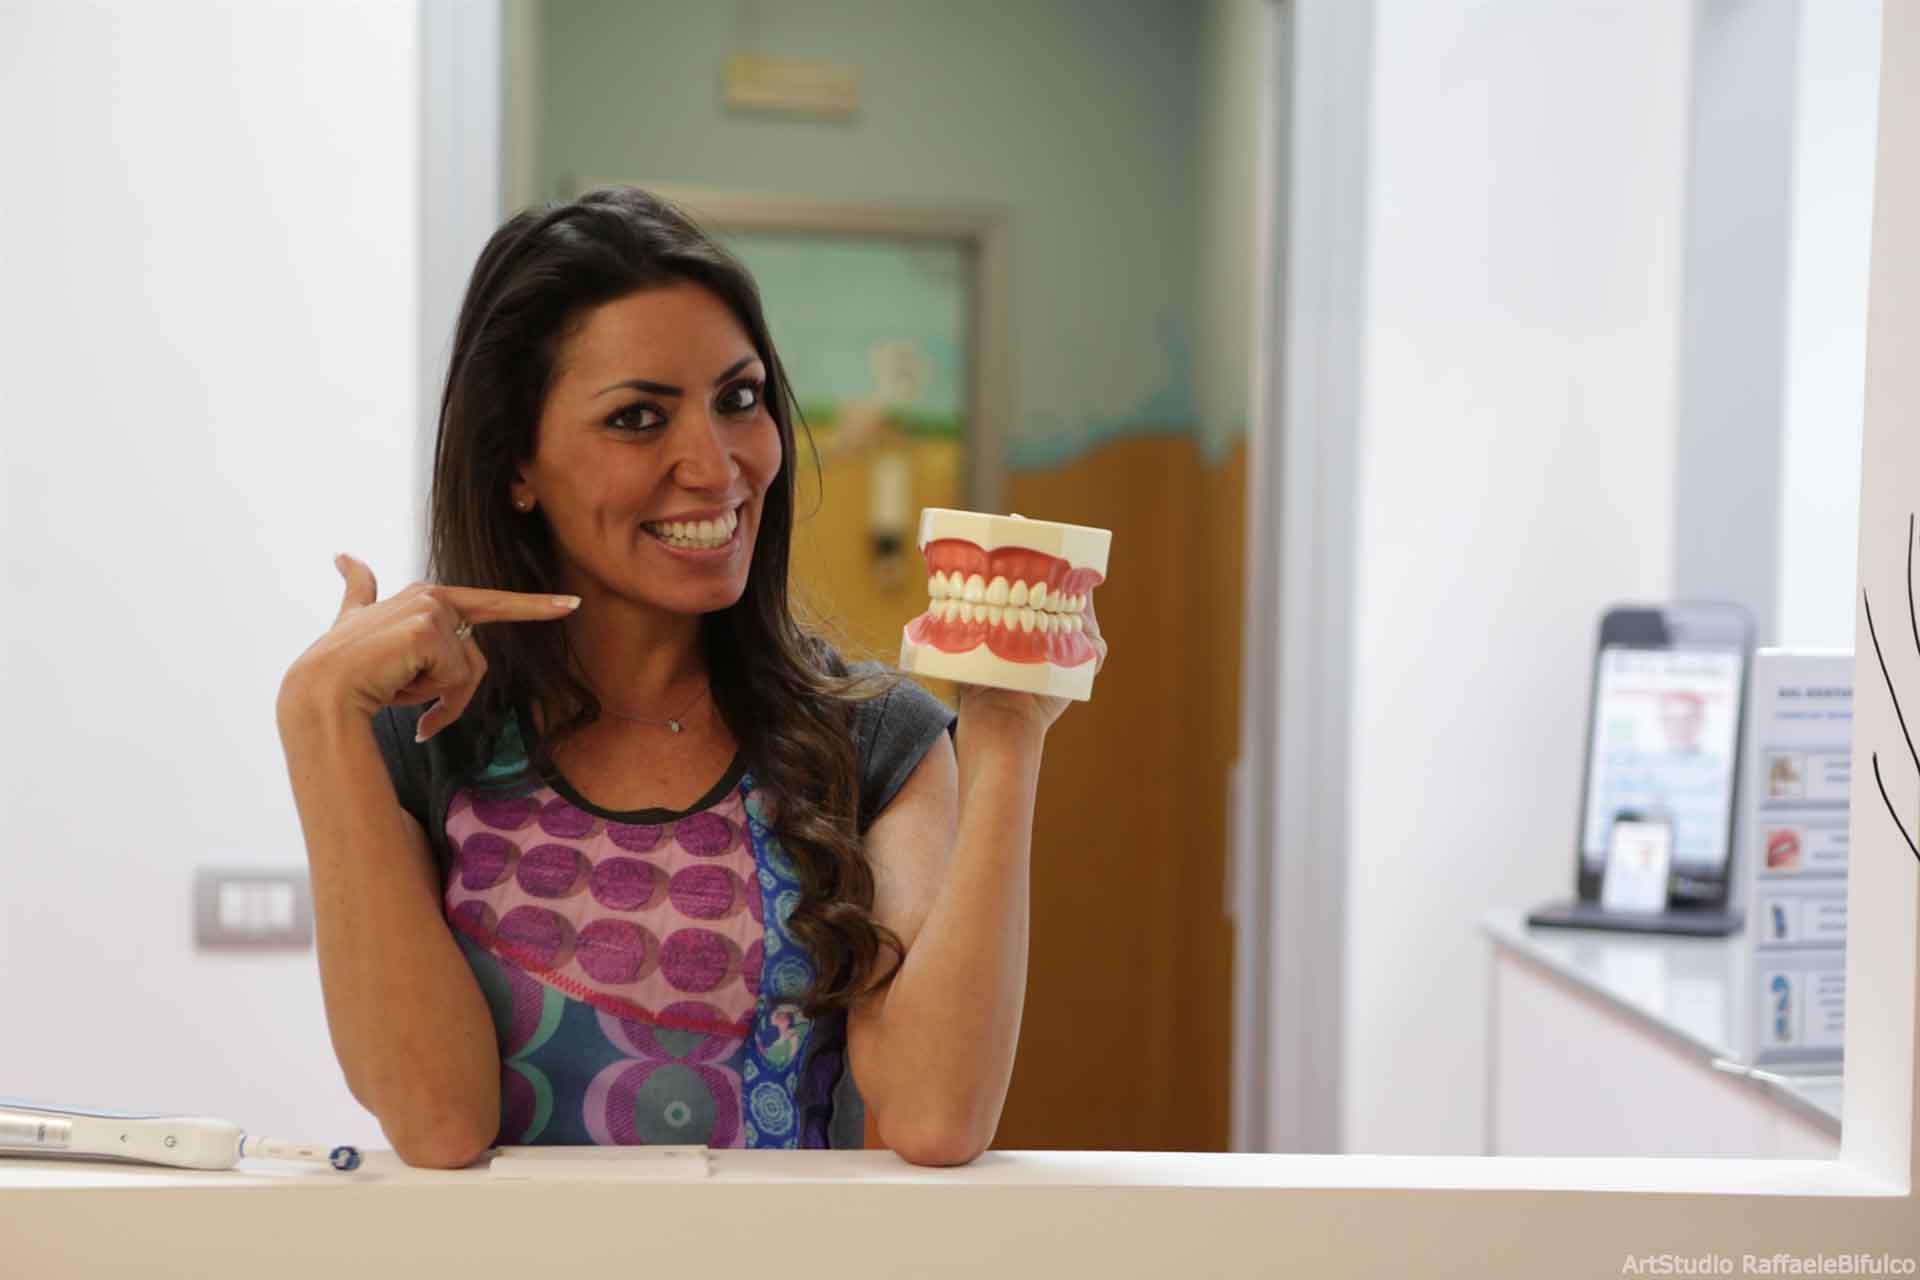 Terapia ortodontica estrattiva